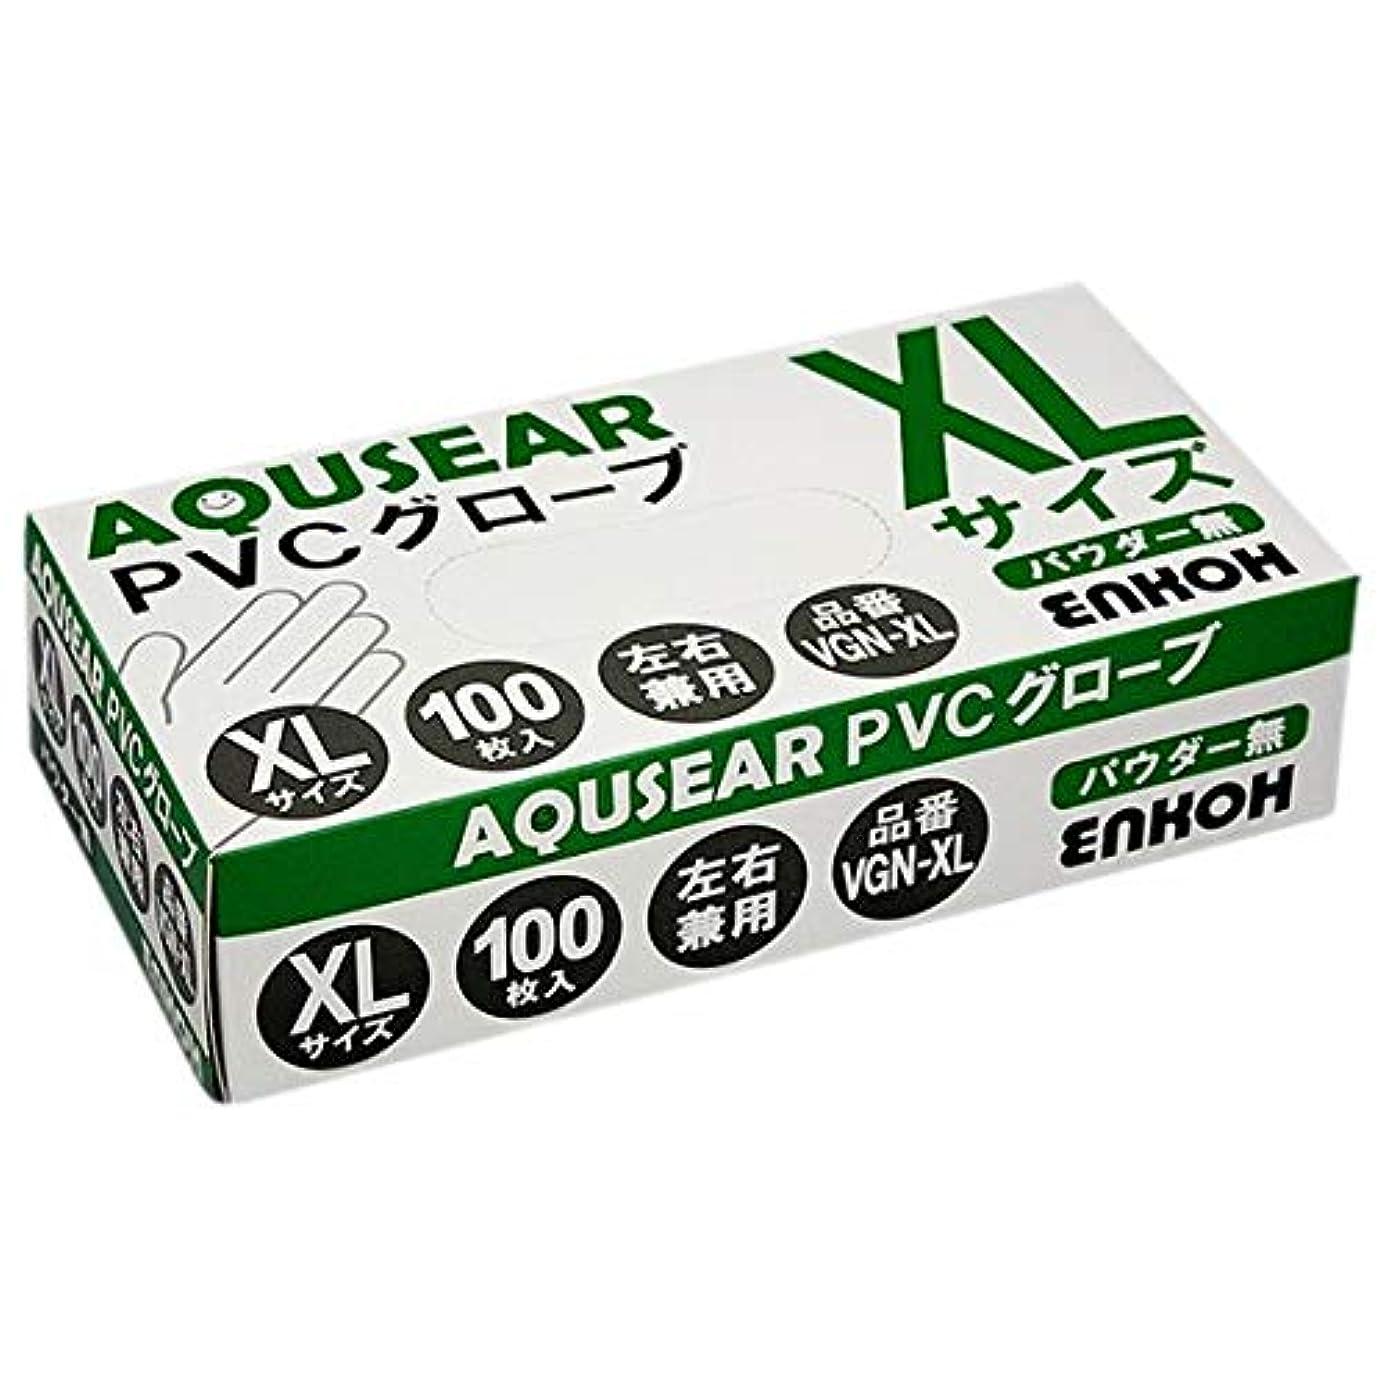 蒸省スチールAQUSEAR PVC プラスチックグローブ XLサイズ パウダー無 VGN-XL 100枚×20箱